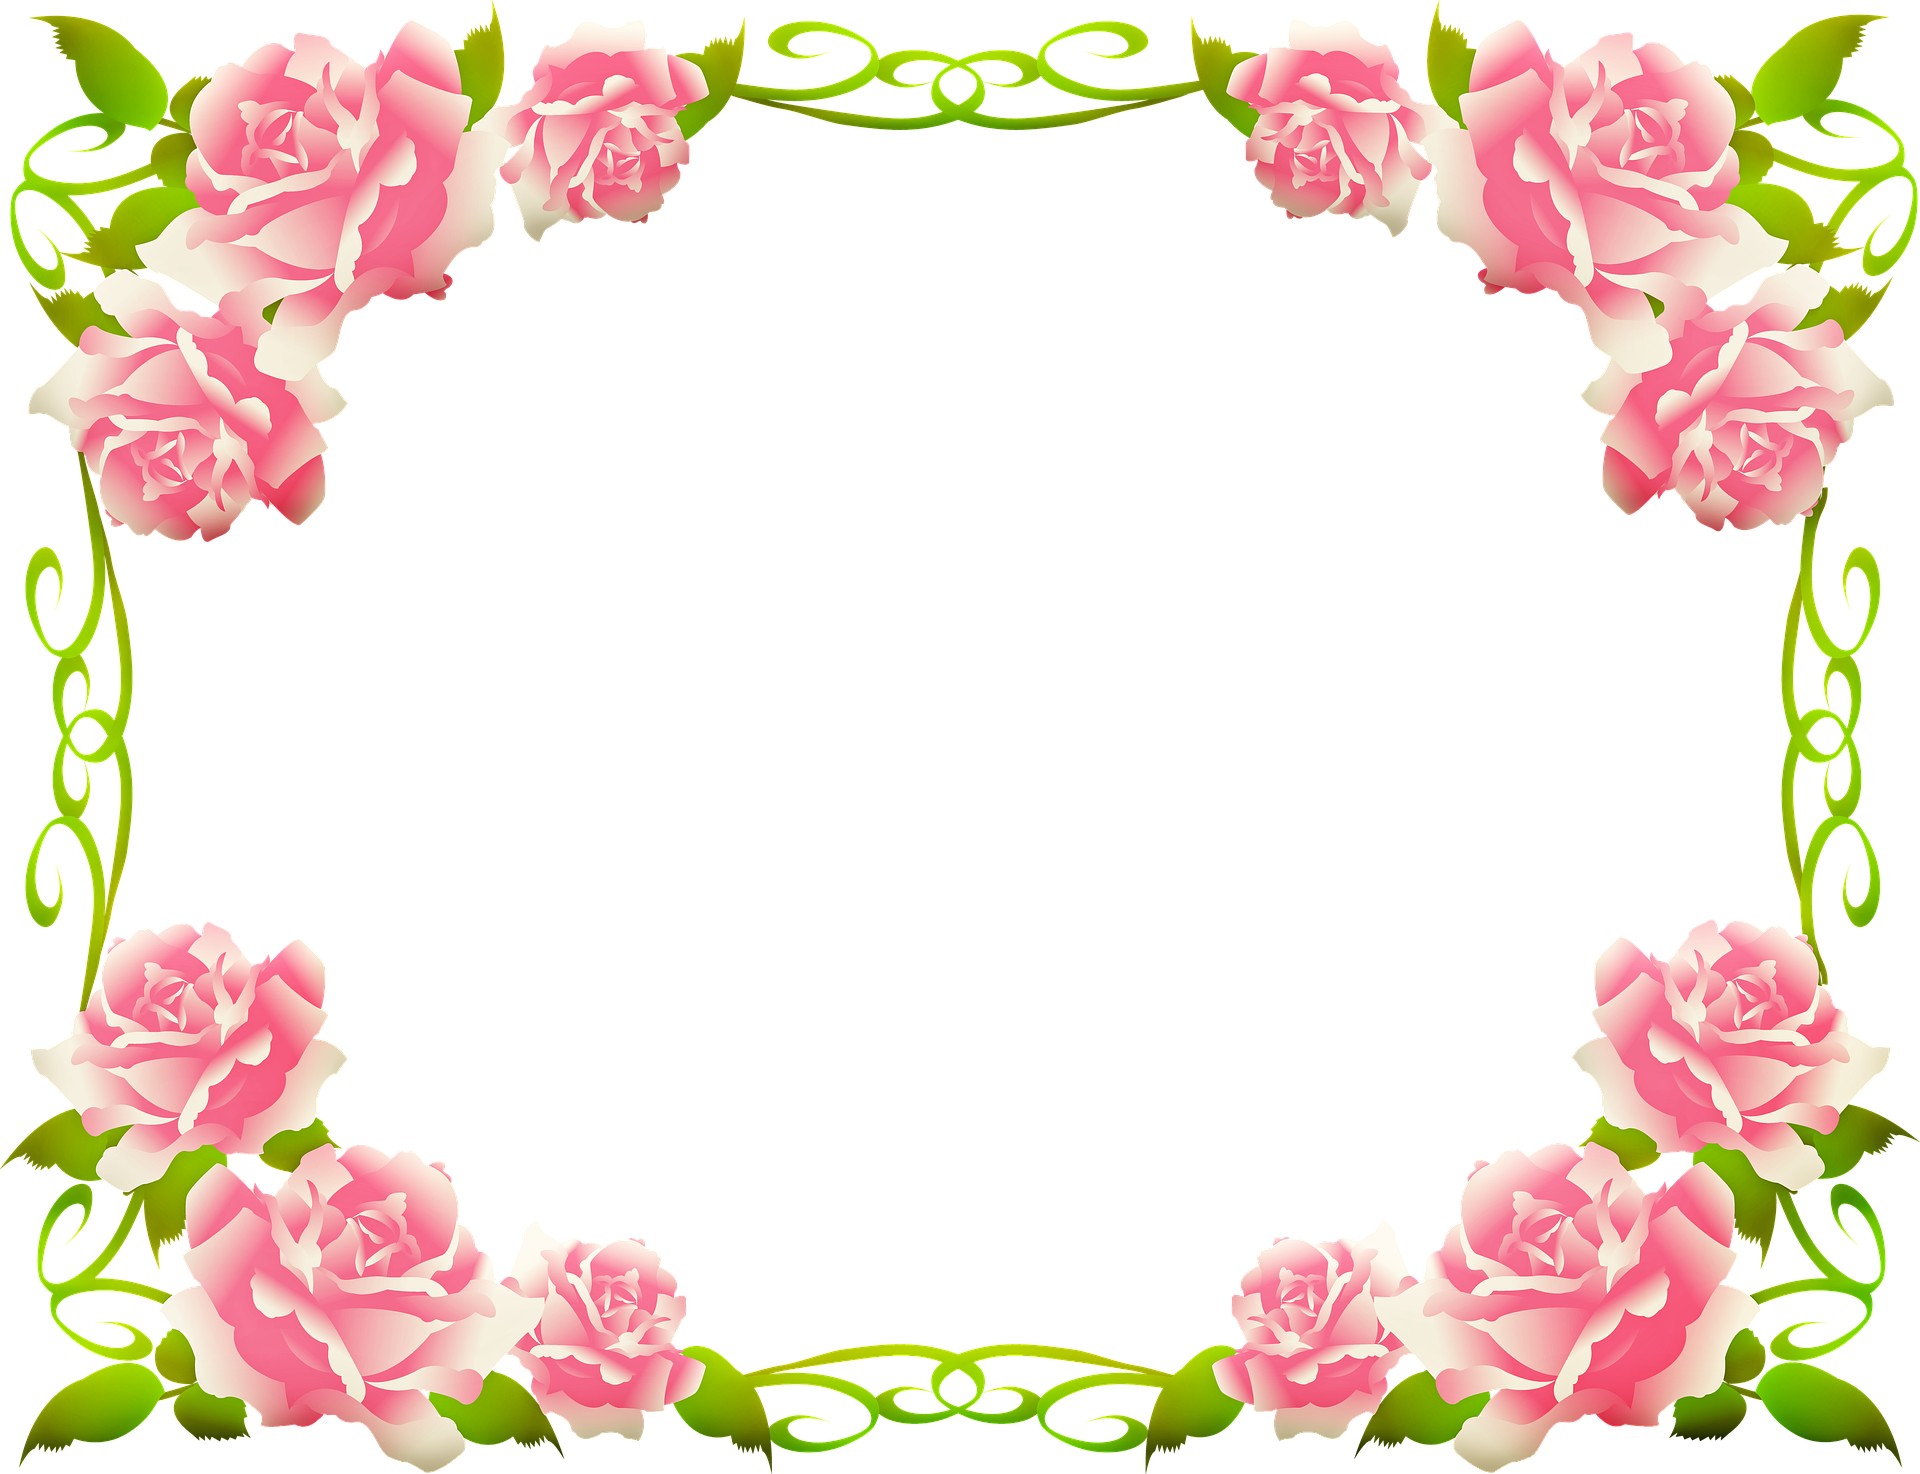 Frame khung ảnh hoa hồng